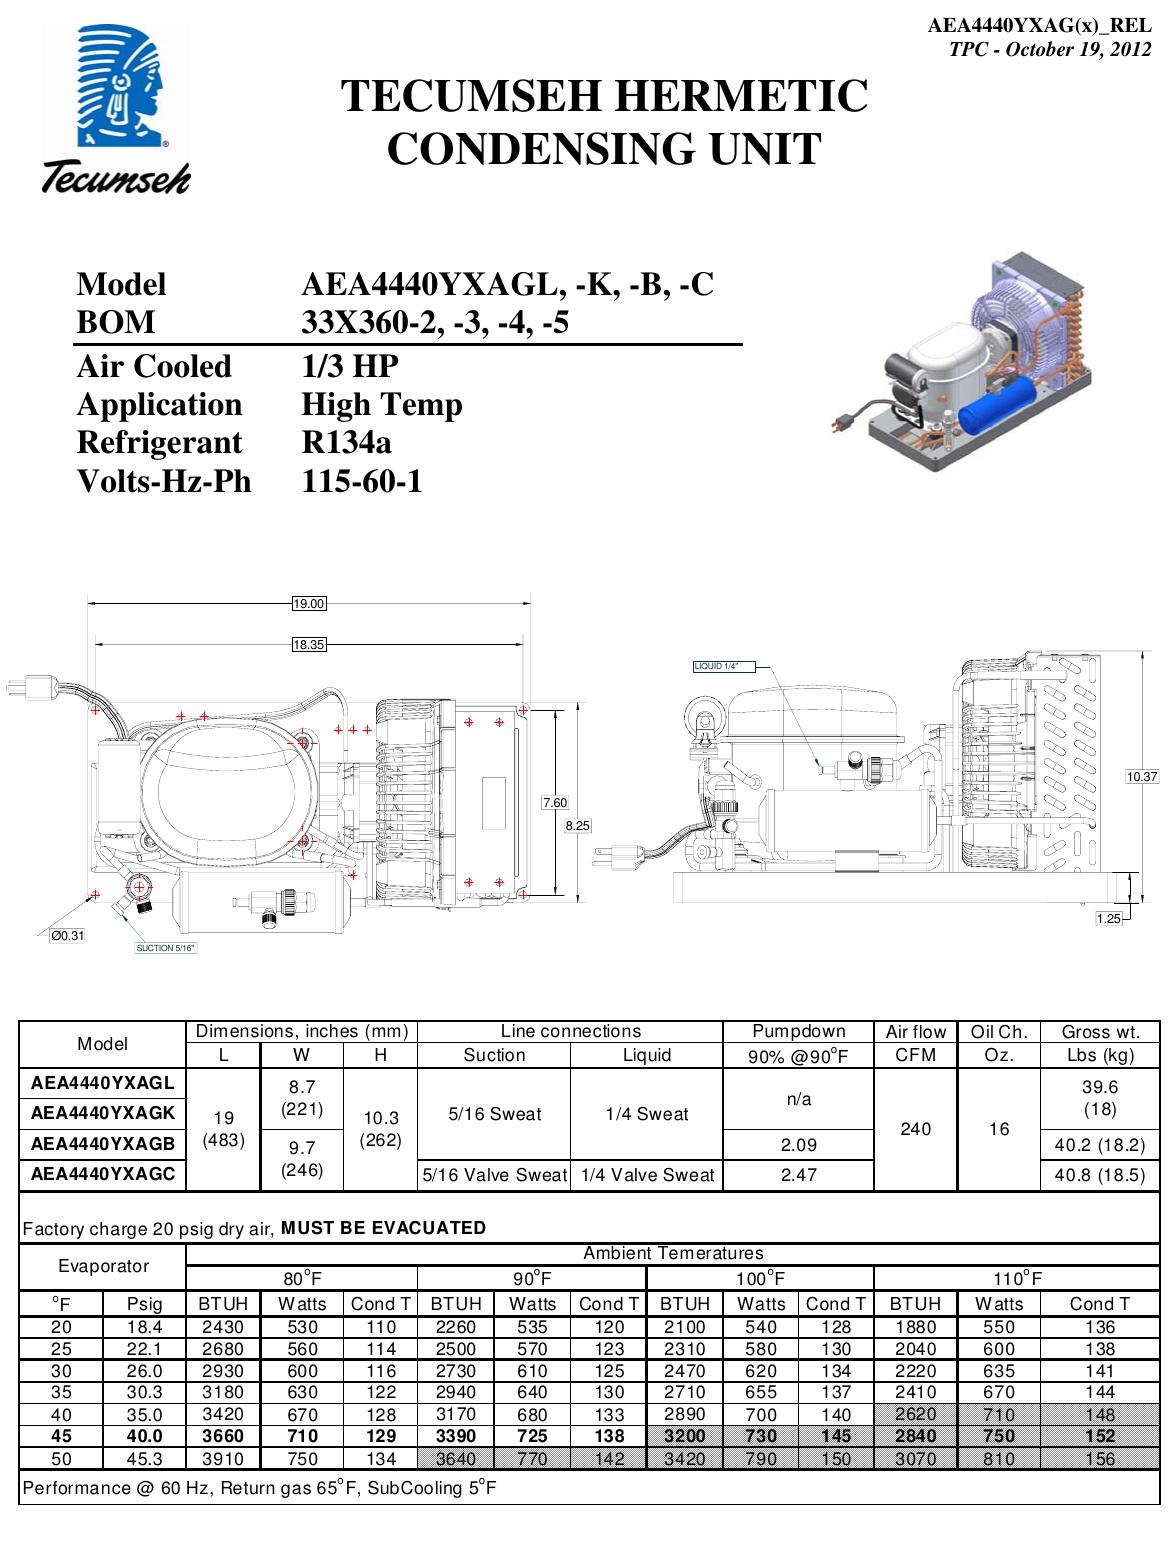 Tecumseh Aea4440yxagb Performance Data Sheet Aea4440yxag X 33x360 Rel Aea4440yxa Compressor Wiring Diagram